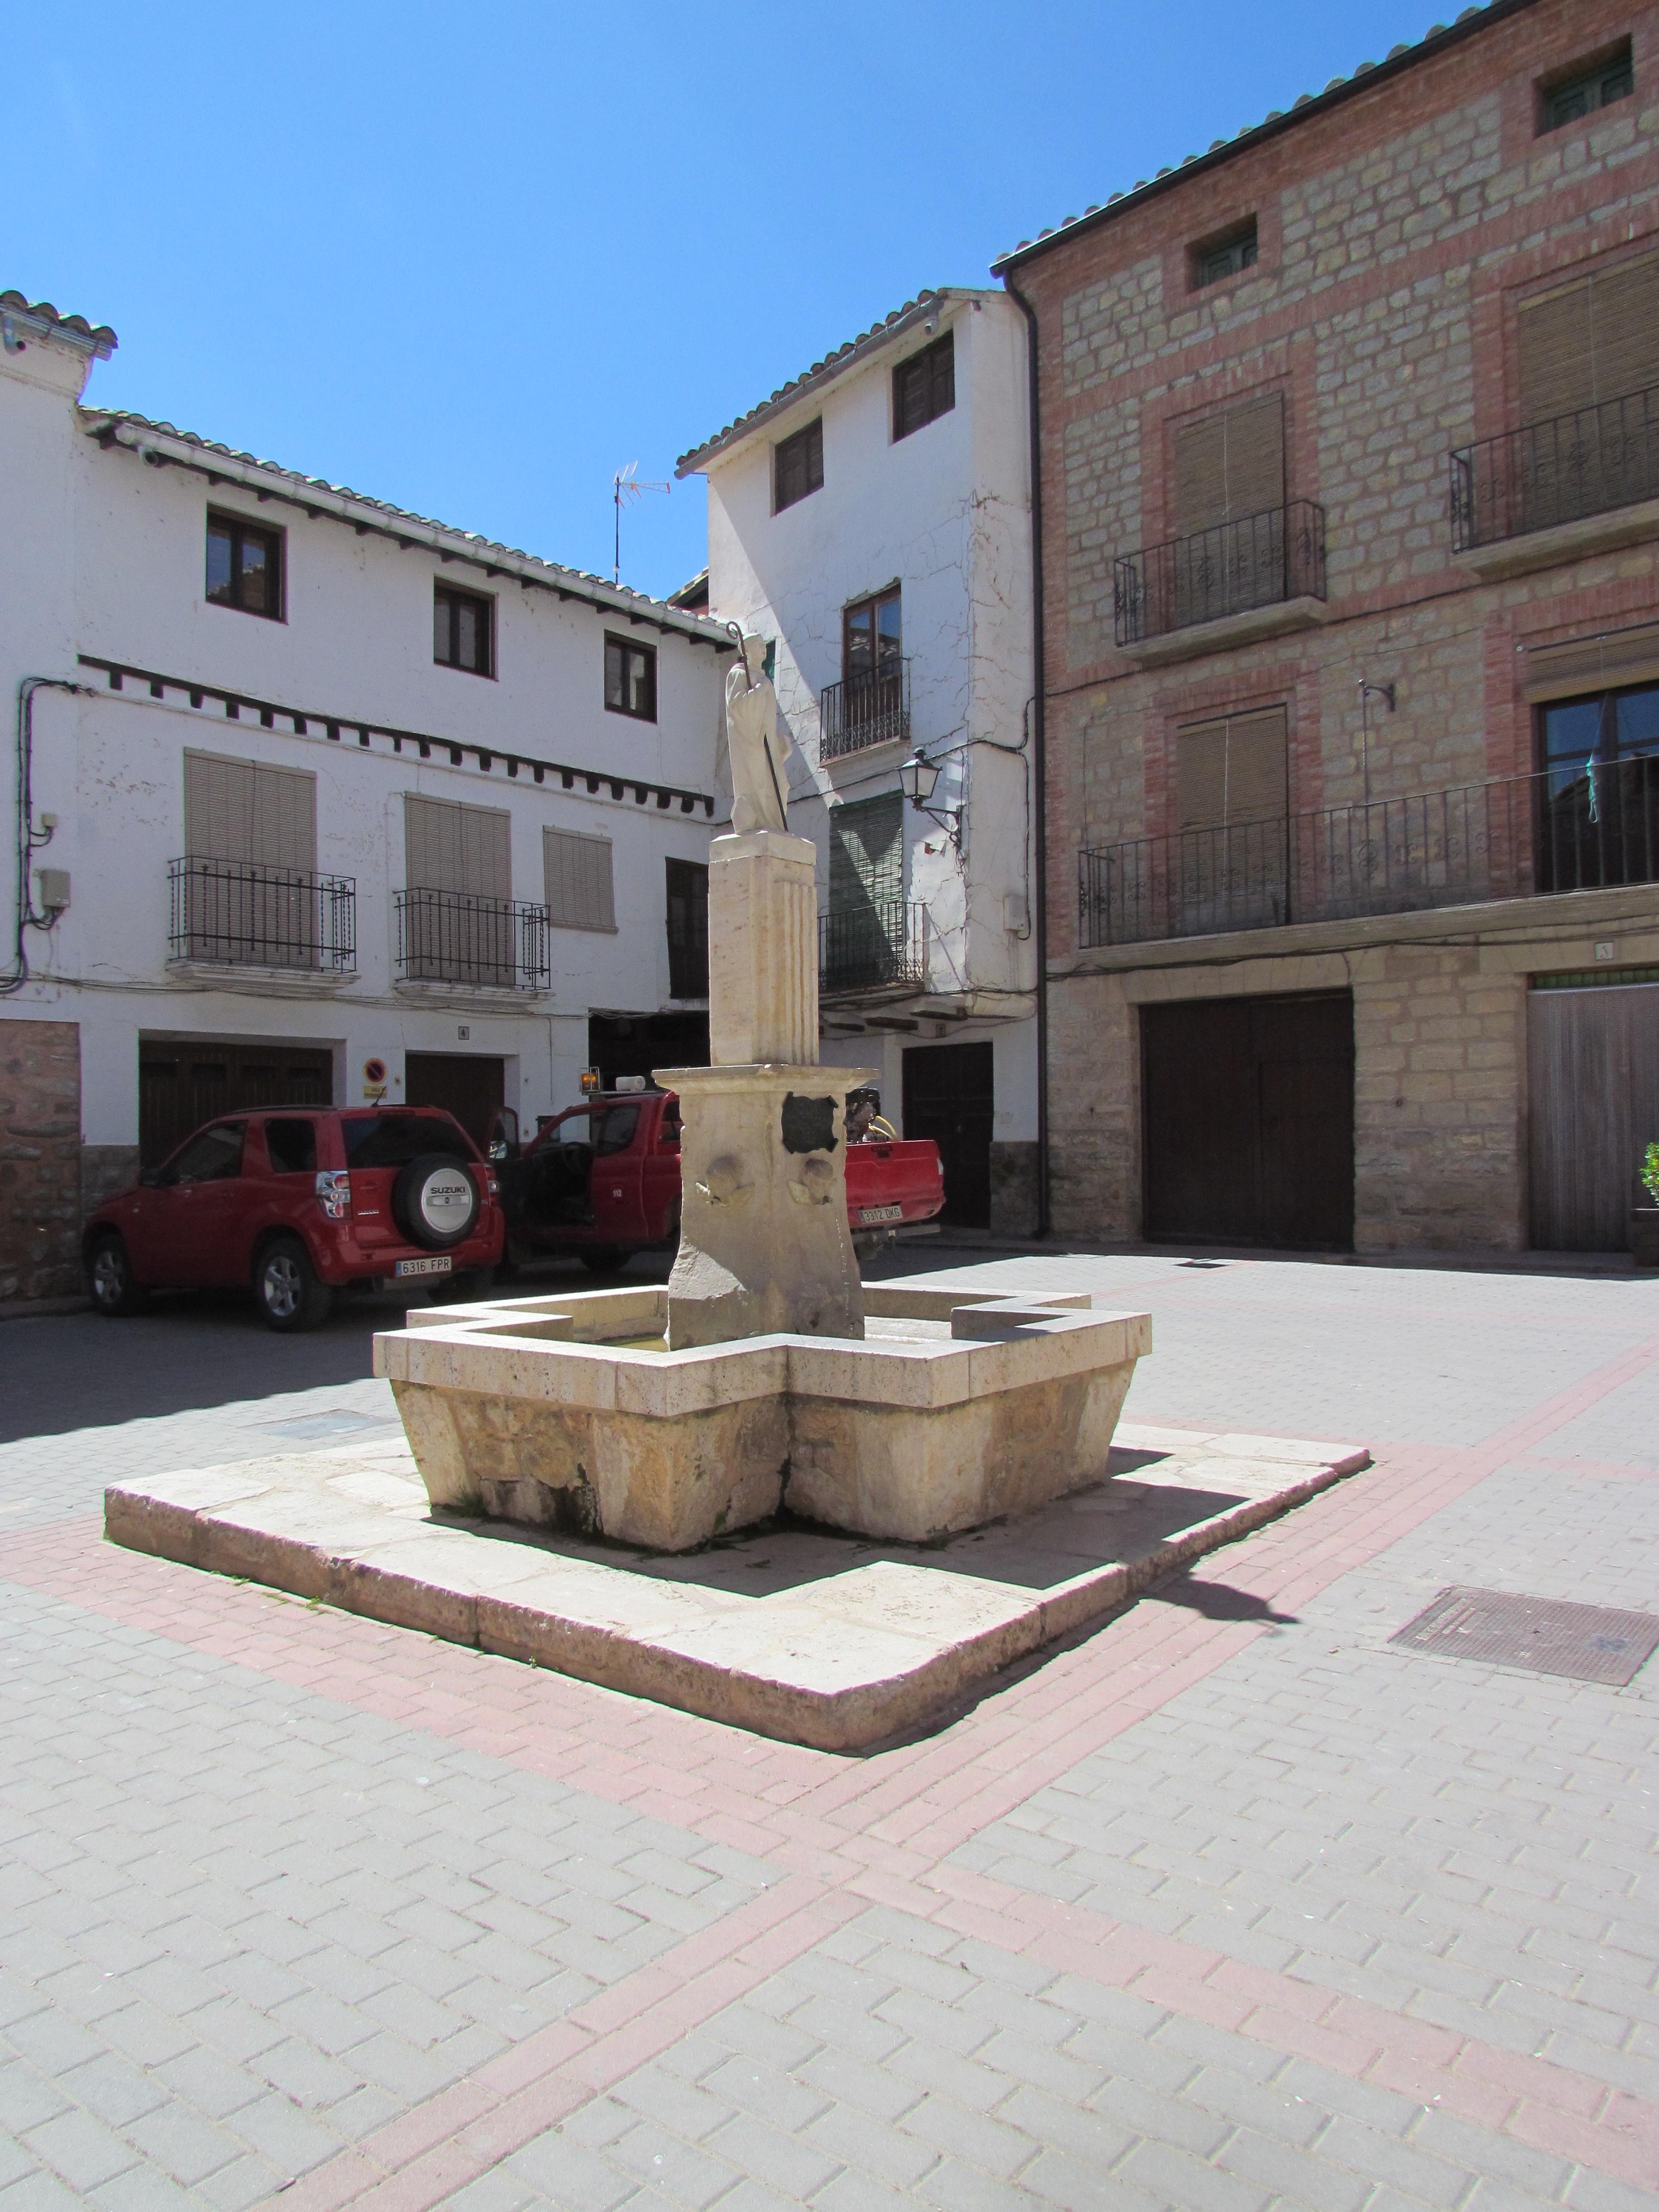 GEA_01_M. A. Martín_PLAZA SAN BERNARDO 1